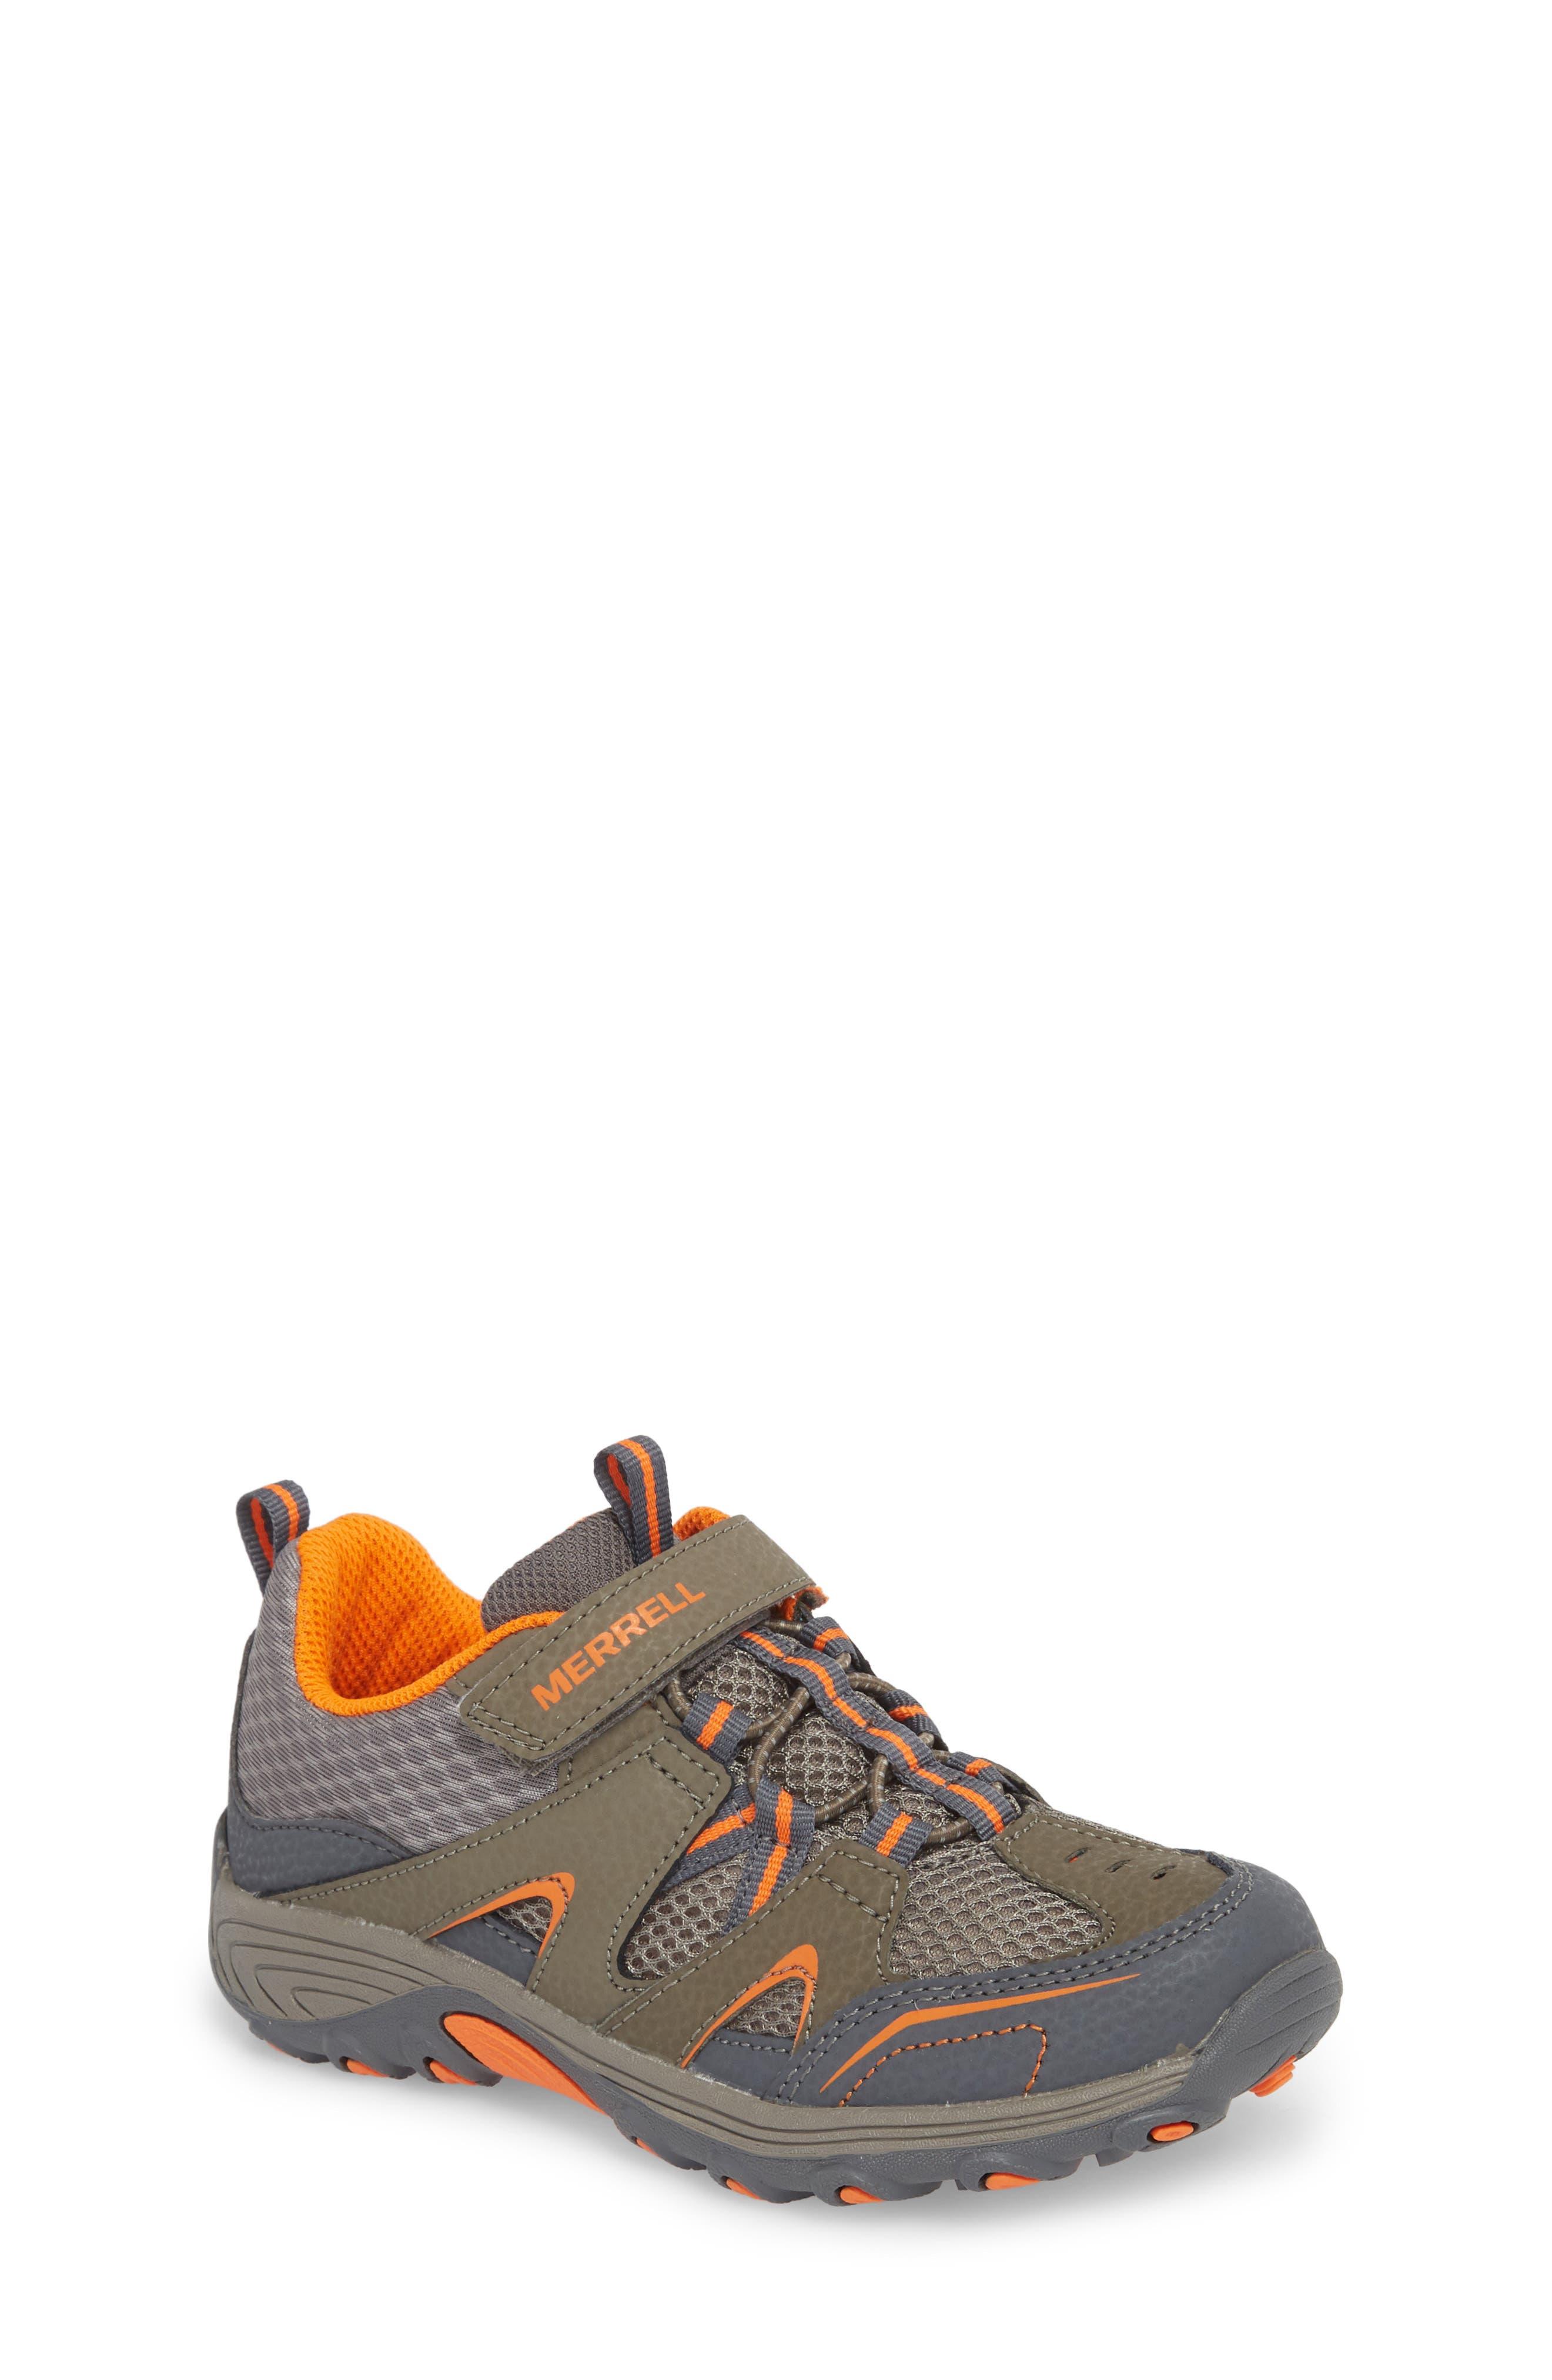 MERRELL Trail Chaser Sneaker, Main, color, GUNSMOKE/ ORANGE